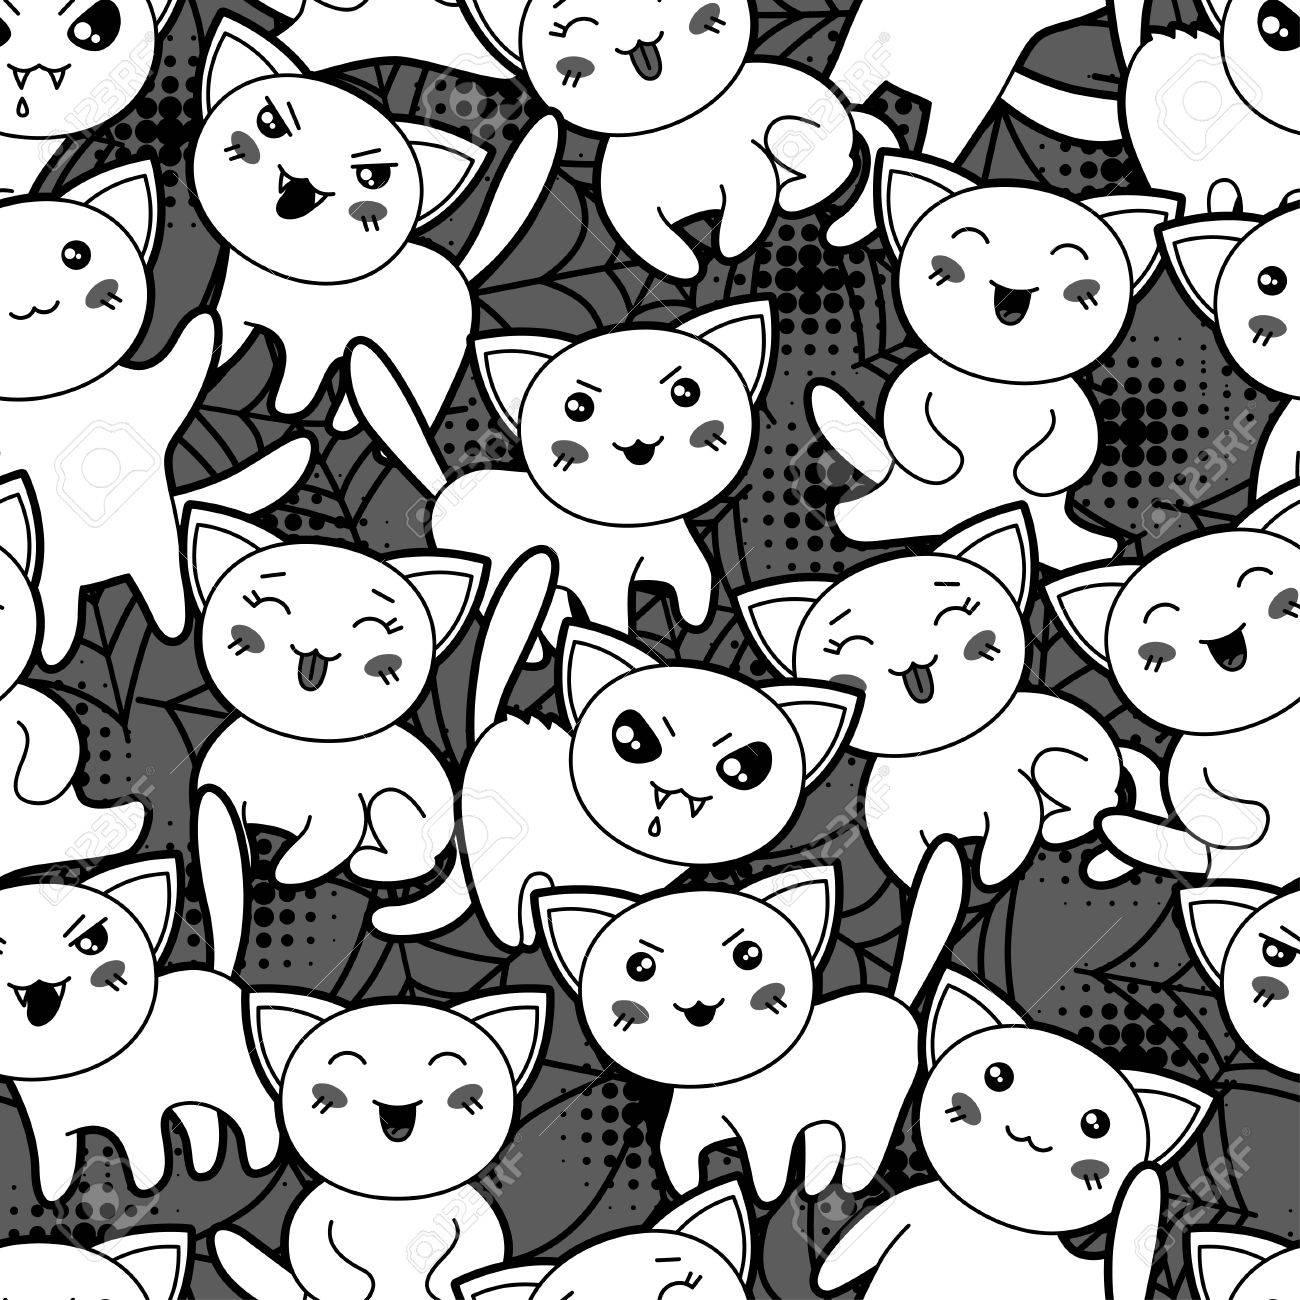 Modele De Dessin Anime Seamless Halloween Kawaii Avec Les Chats Mignons Clip Art Libres De Droits Vecteurs Et Illustration Image 30641401